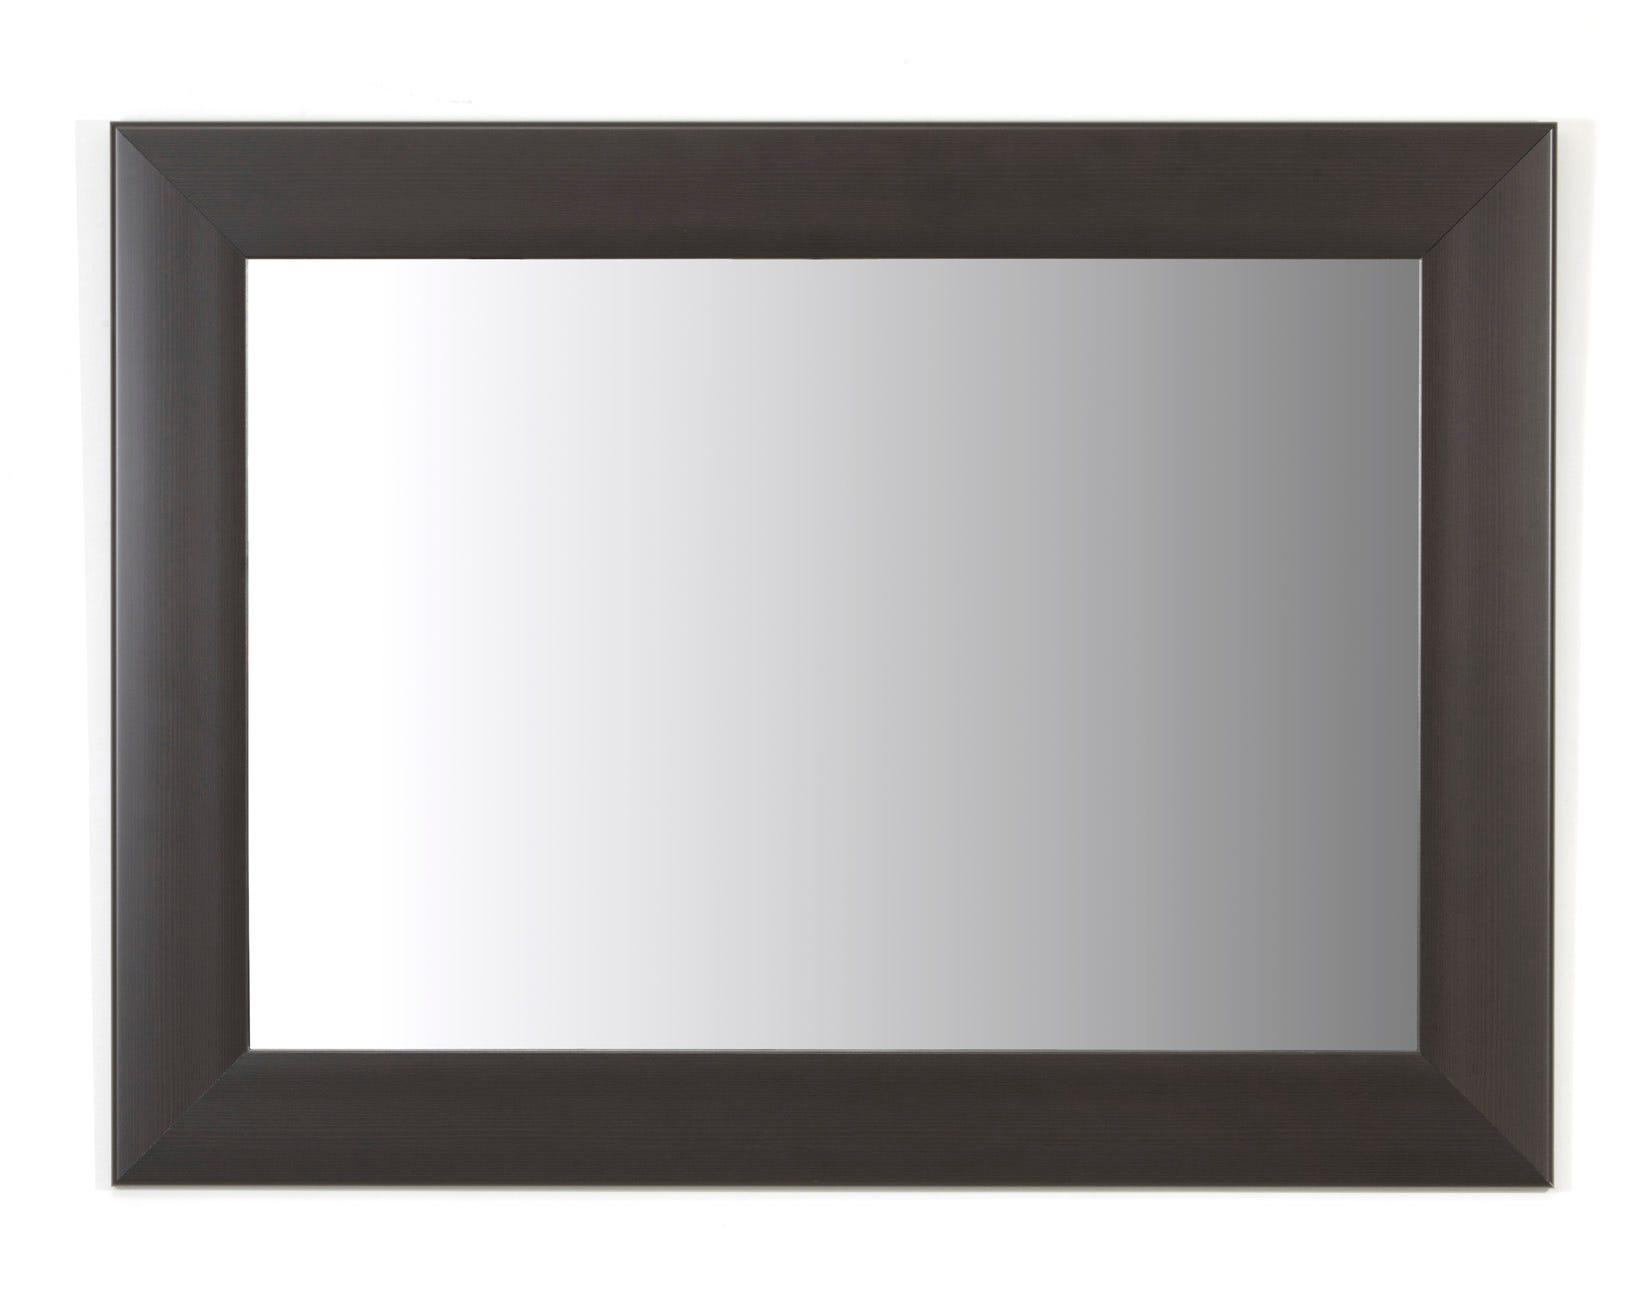 Espejo decorativo de 94.99 x 70 cm en chocolate